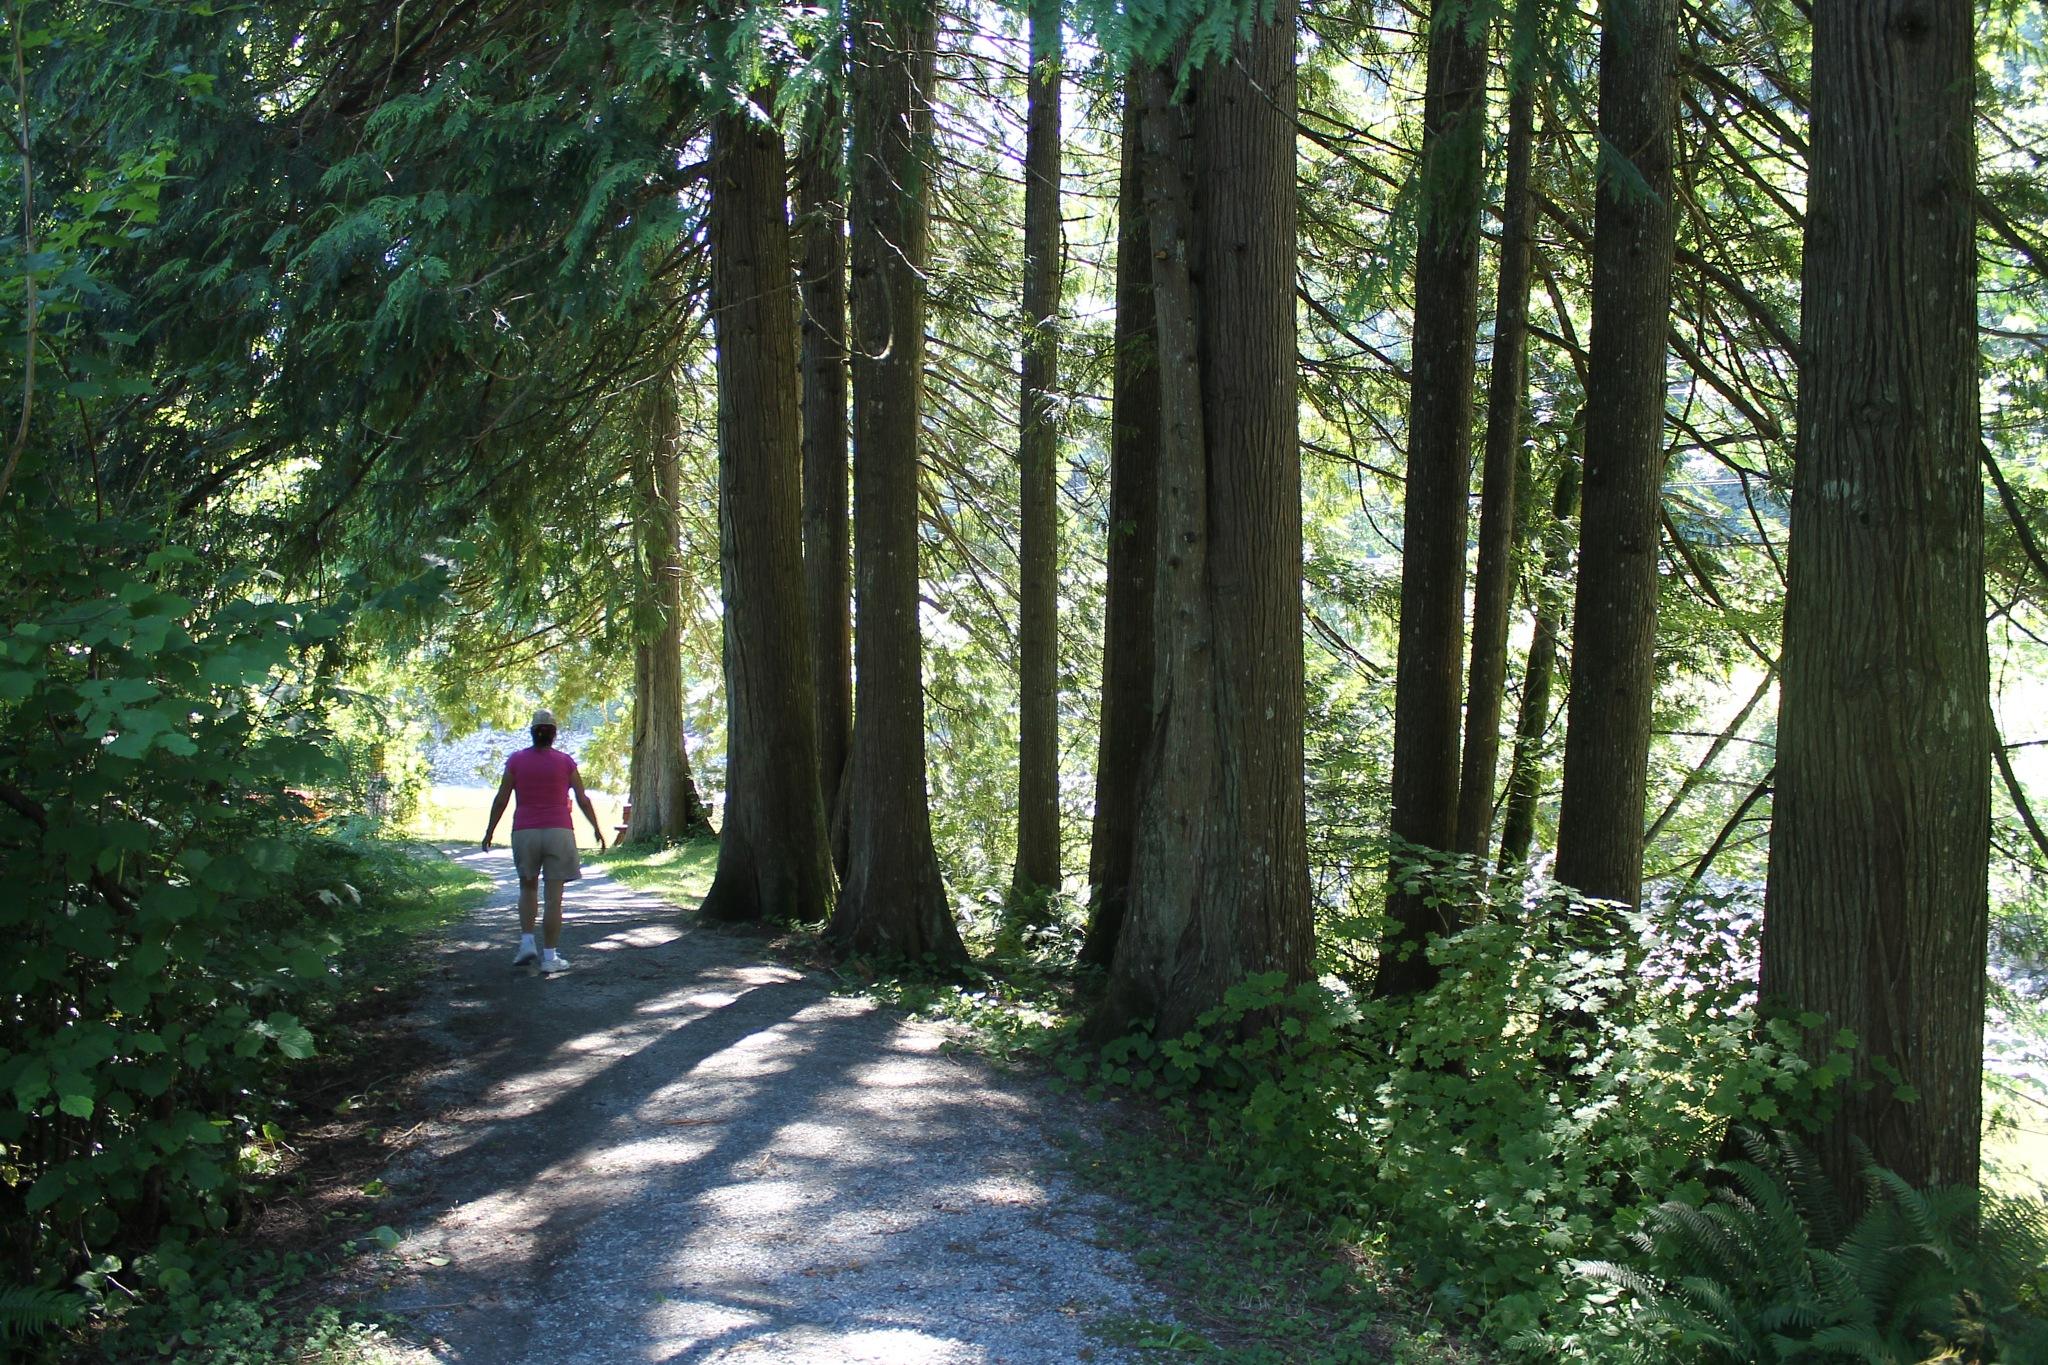 In the woods by Metro Van Primus